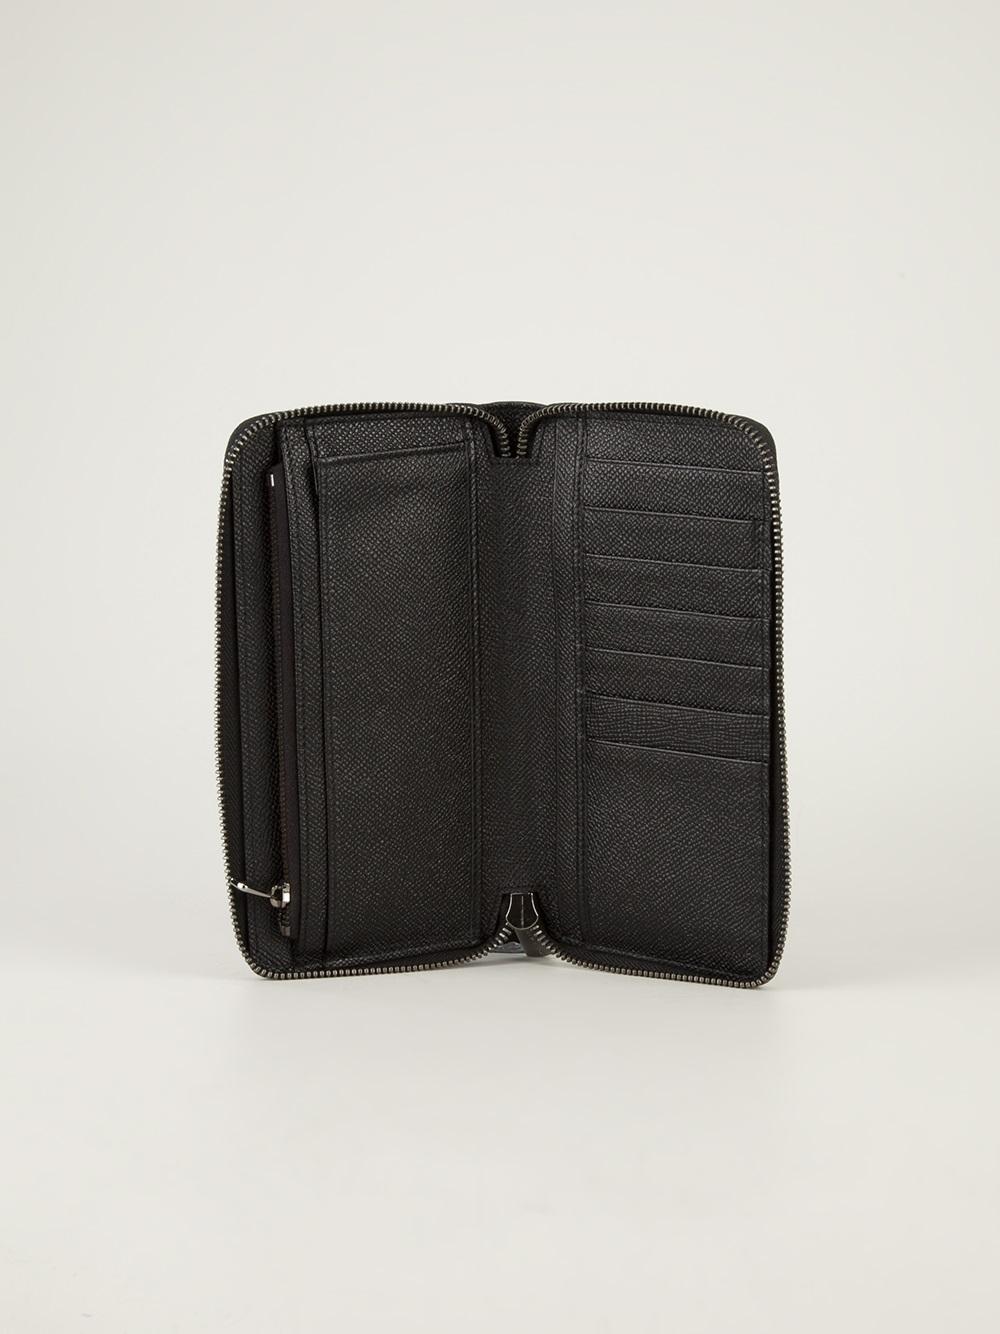 Zip Noir Autour De Portefeuille Avec Des Impressions Intérieures Dolce & Gabbana fs512tnlV